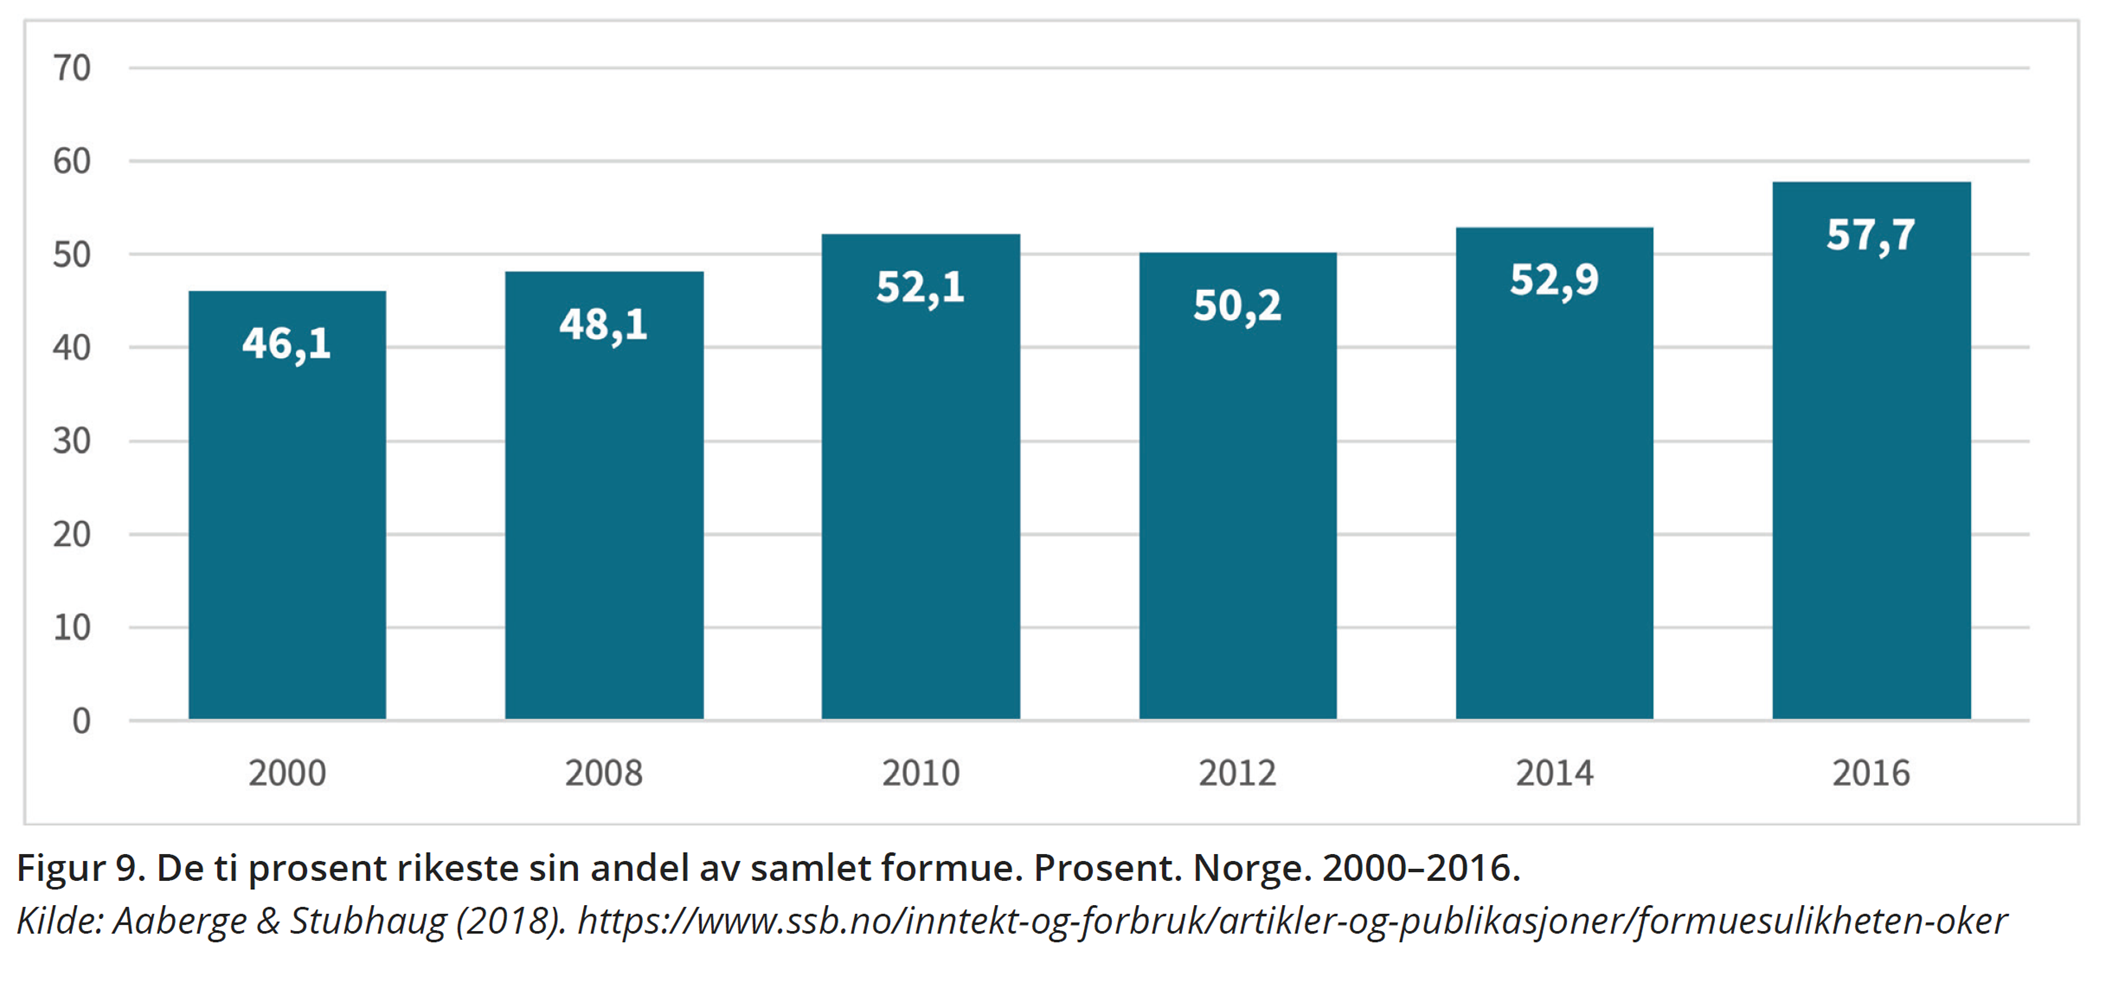 Figur 9. De ti prosent rikeste sin andel av samlet formue. Prosent. Norge. 2000–2016. Kilde: Aaberge & Stubhaug (2018). https://www.ssb.no/inntekt-og-forbruk/artikler-og-publikasjoner/formuesulikheten-oker